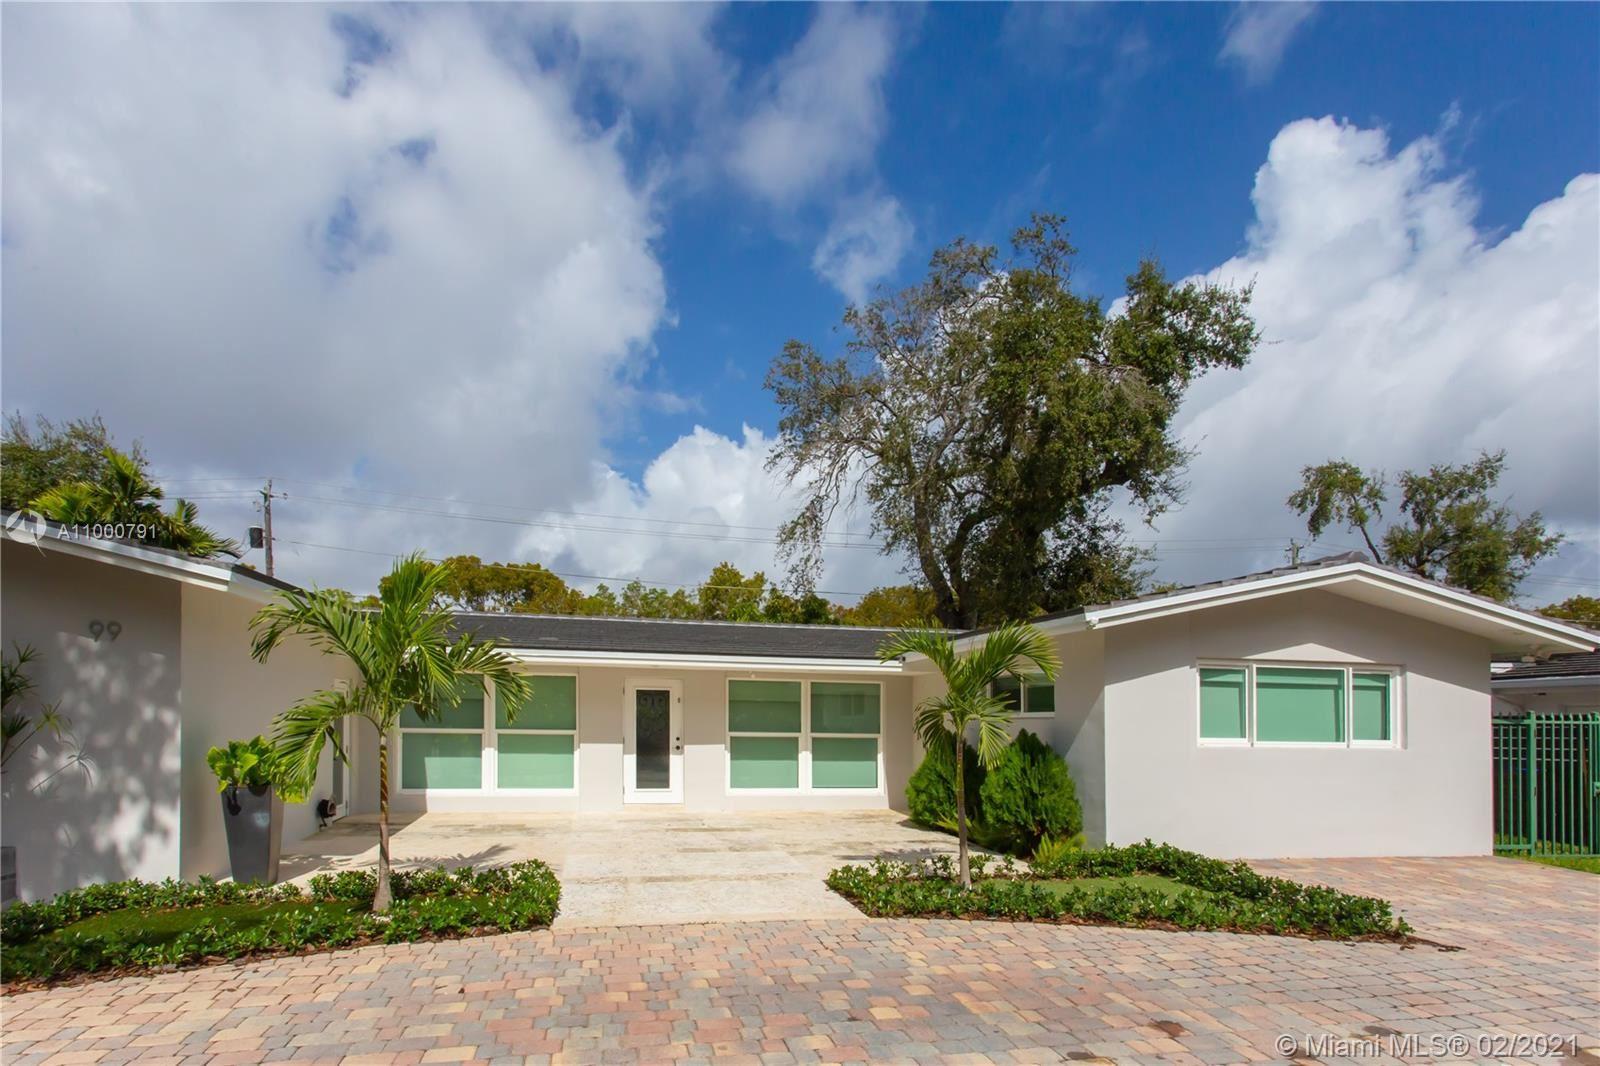 99 Shore Dr W, Miami, FL 33133 - #: A11000791